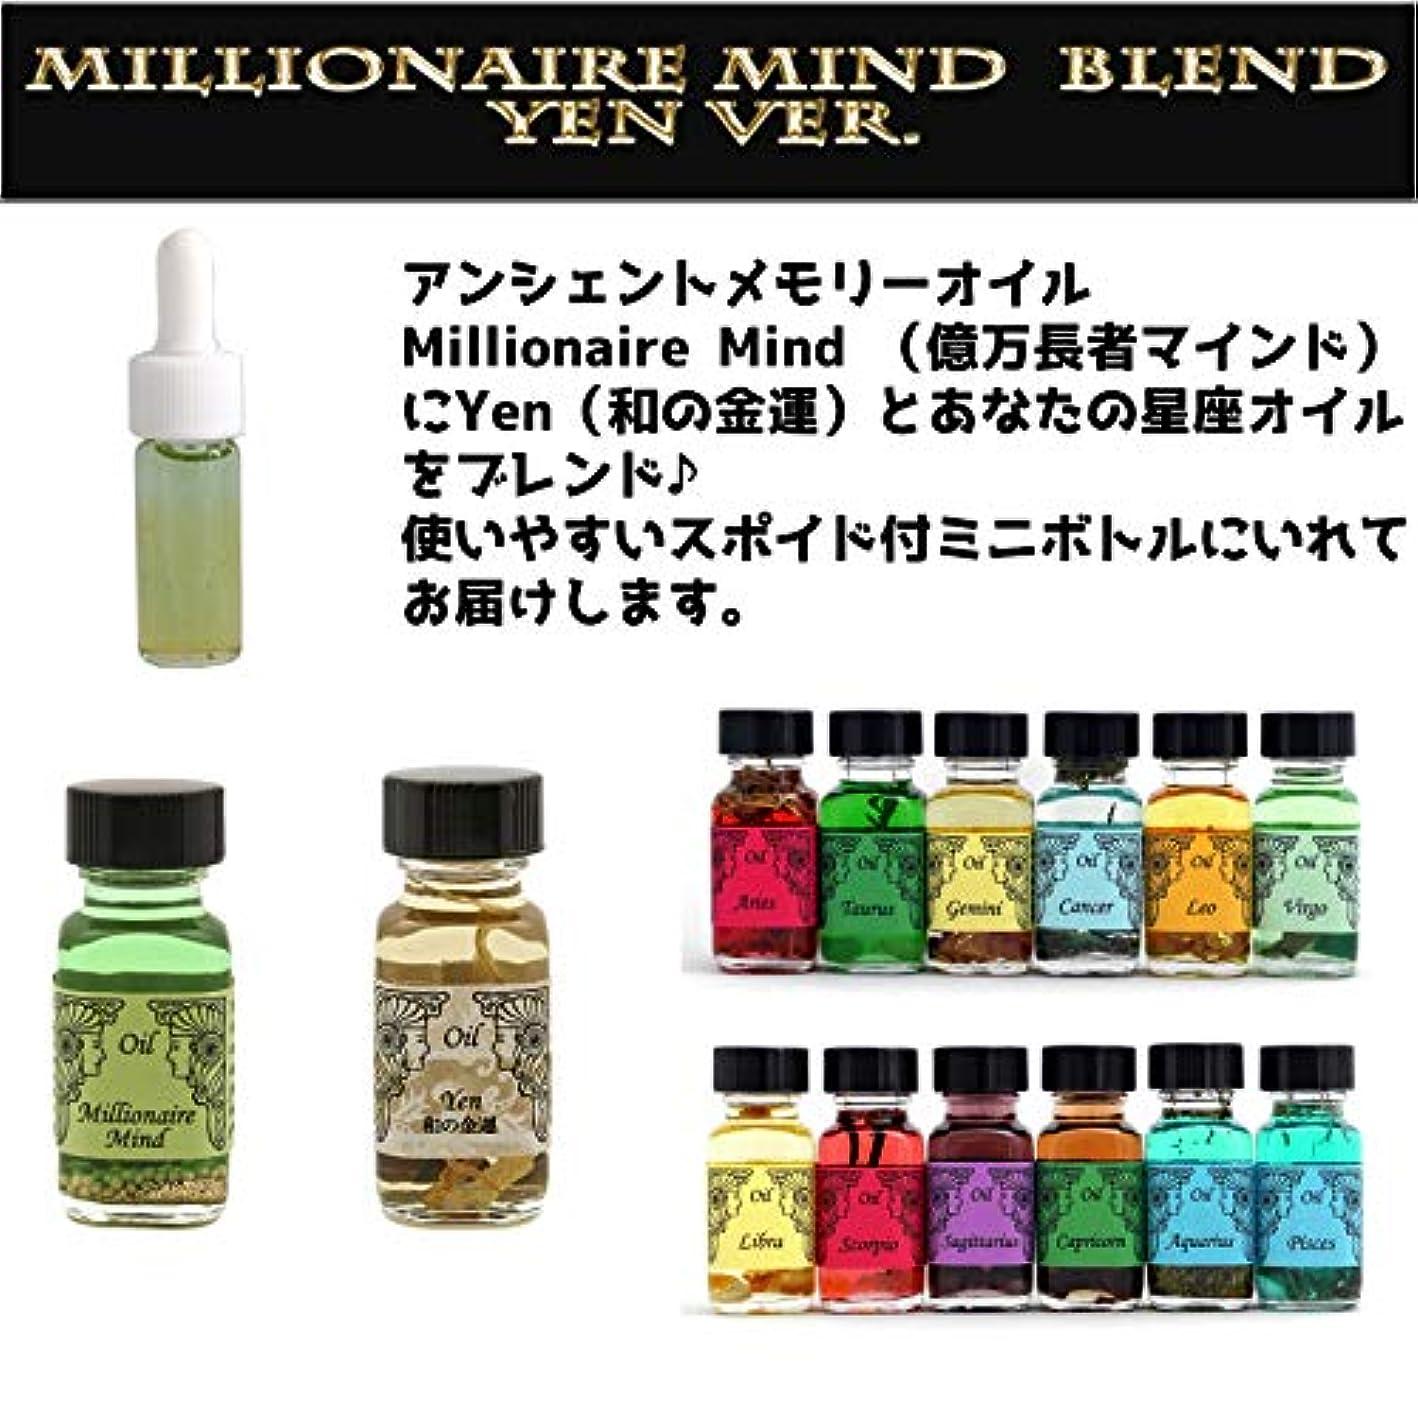 調整するかもめ取るアンシェントメモリーオイル Millionaire Mind 億万長者マインド ブレンド【Yen 和の金運&おうし座】